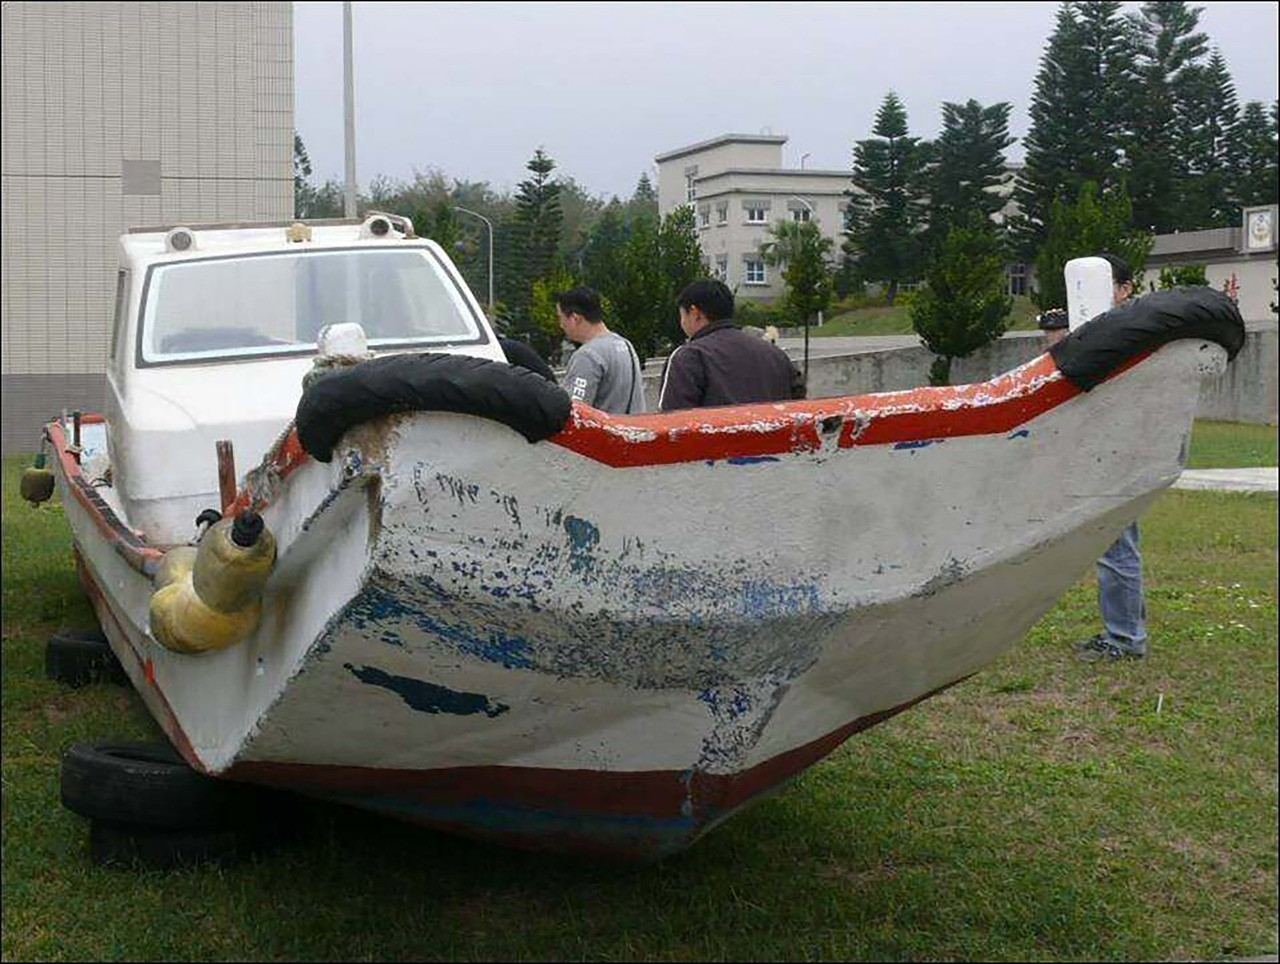 澎湖地檢署21日表示,預計在農曆春節過後,將公開拍賣一艘總噸數約2.4噸的無照船...